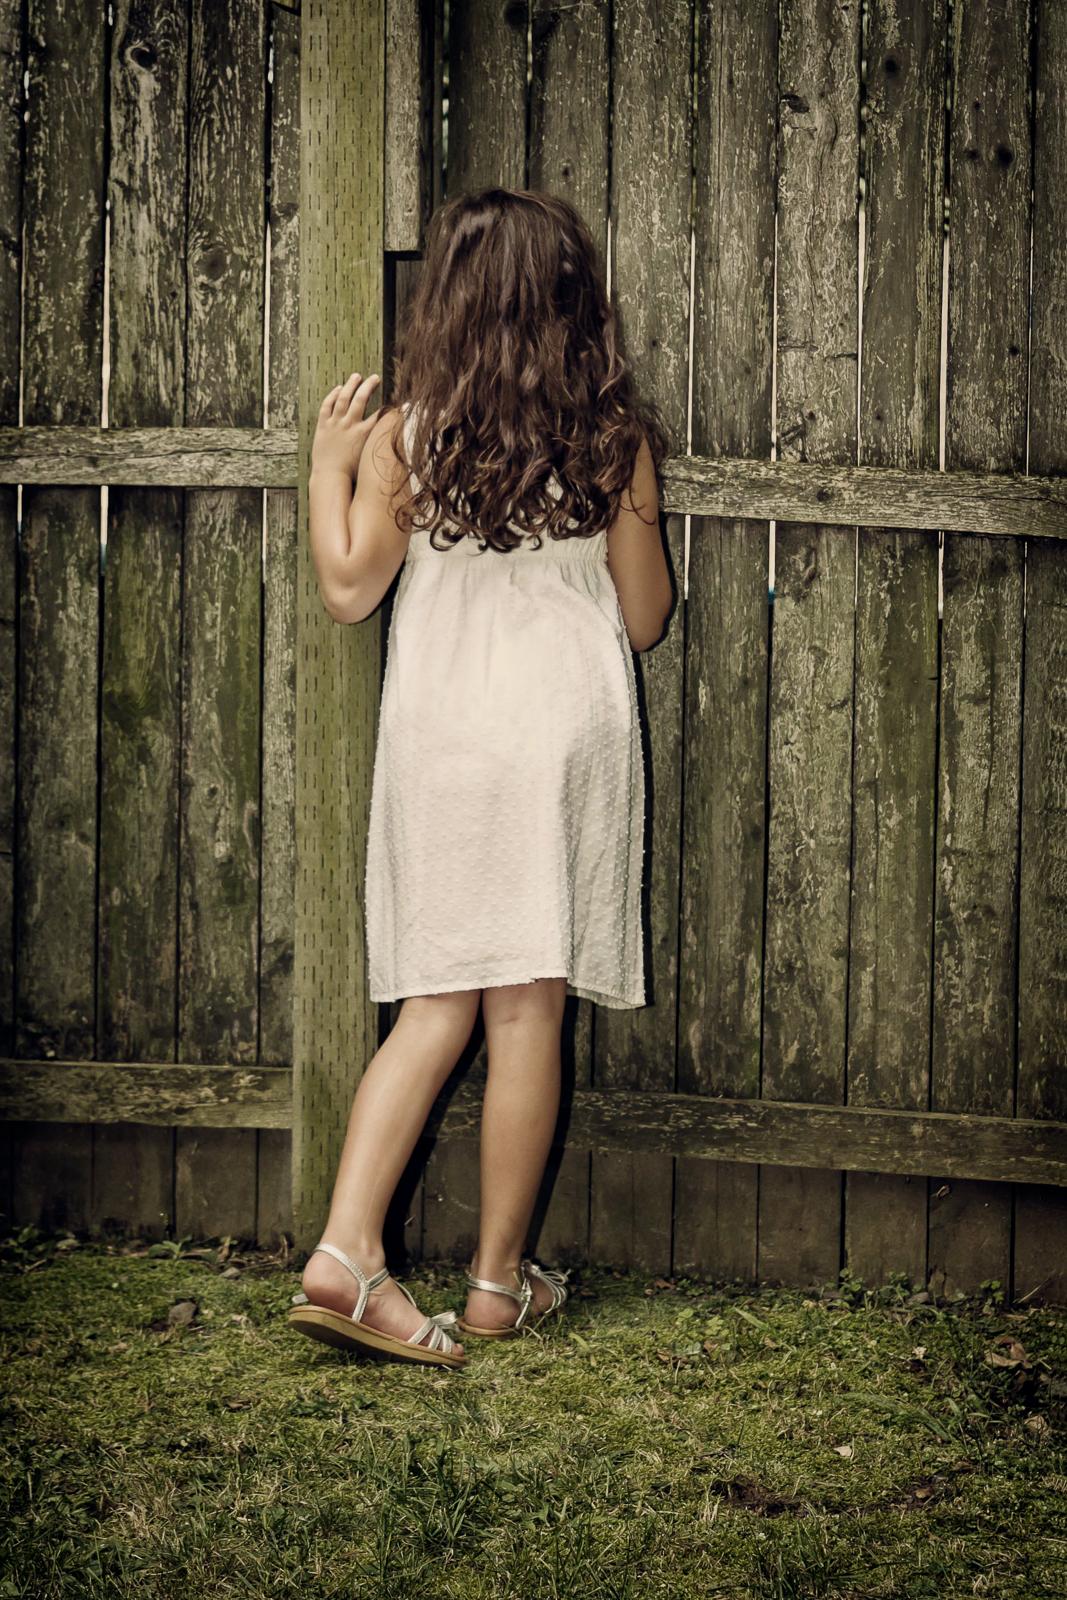 little girl peeking in the fence-Edit.jpg